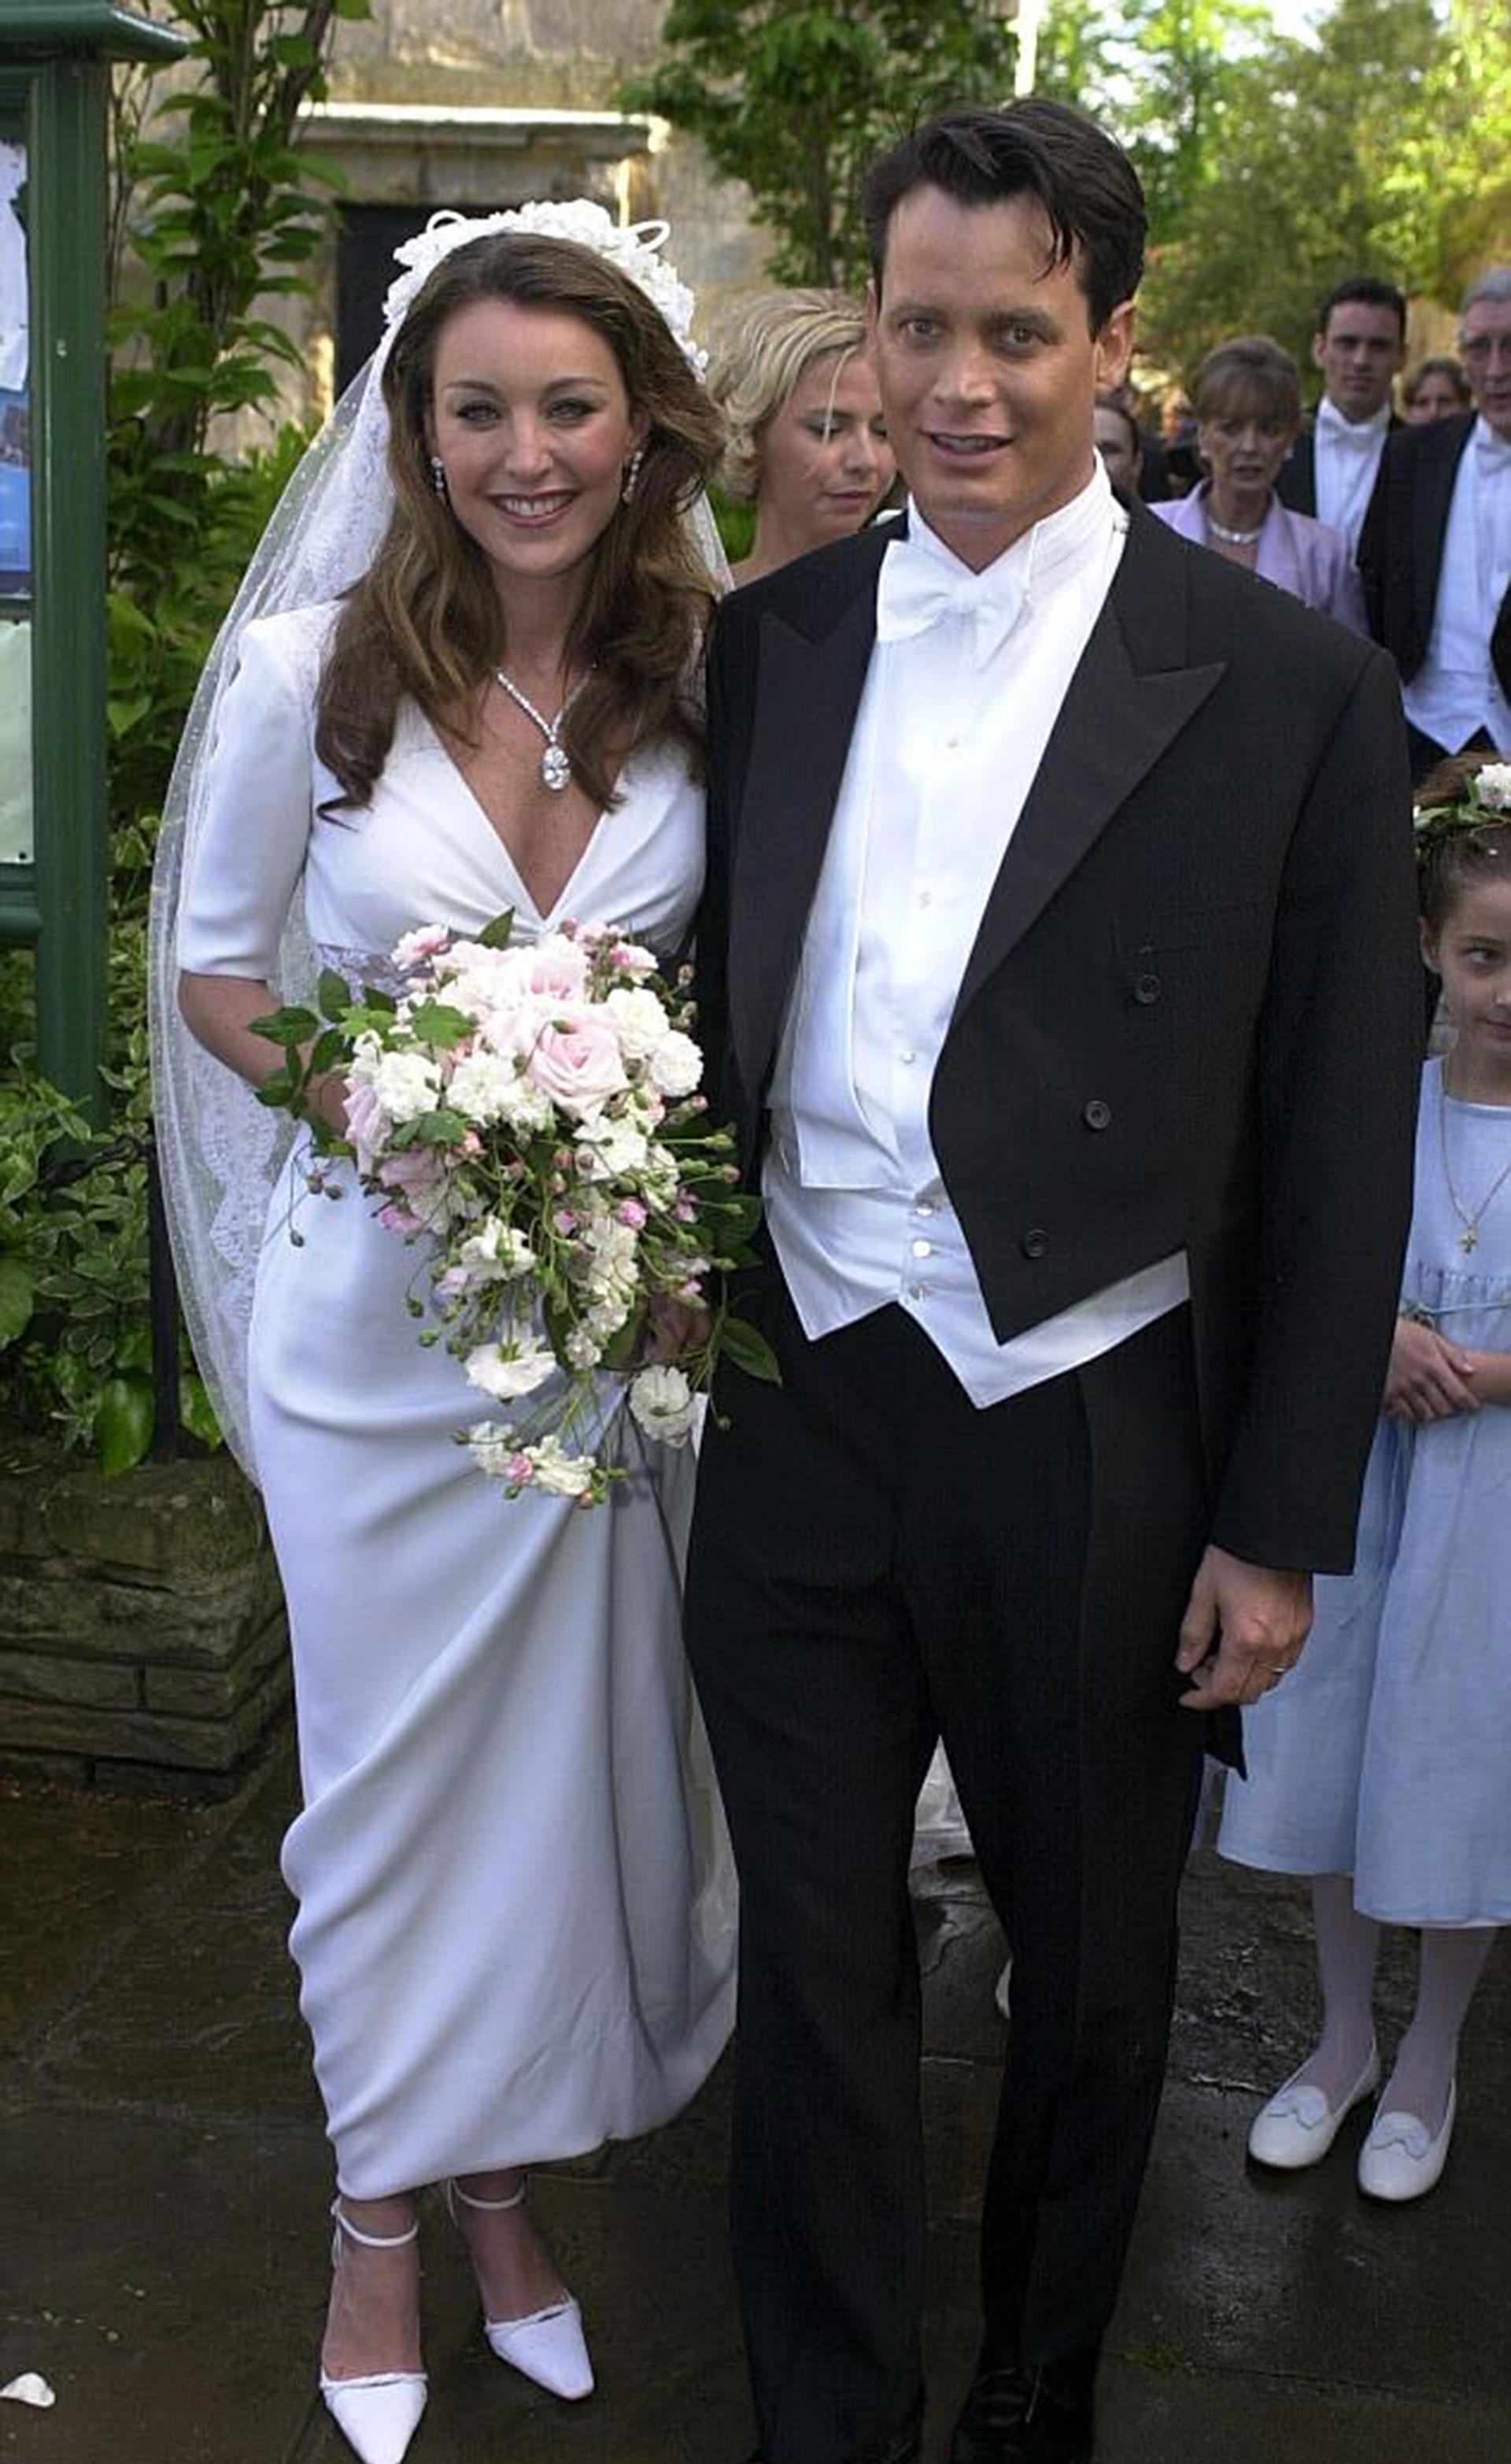 El día de su boda con la gurú de la moda Tamara Mellon